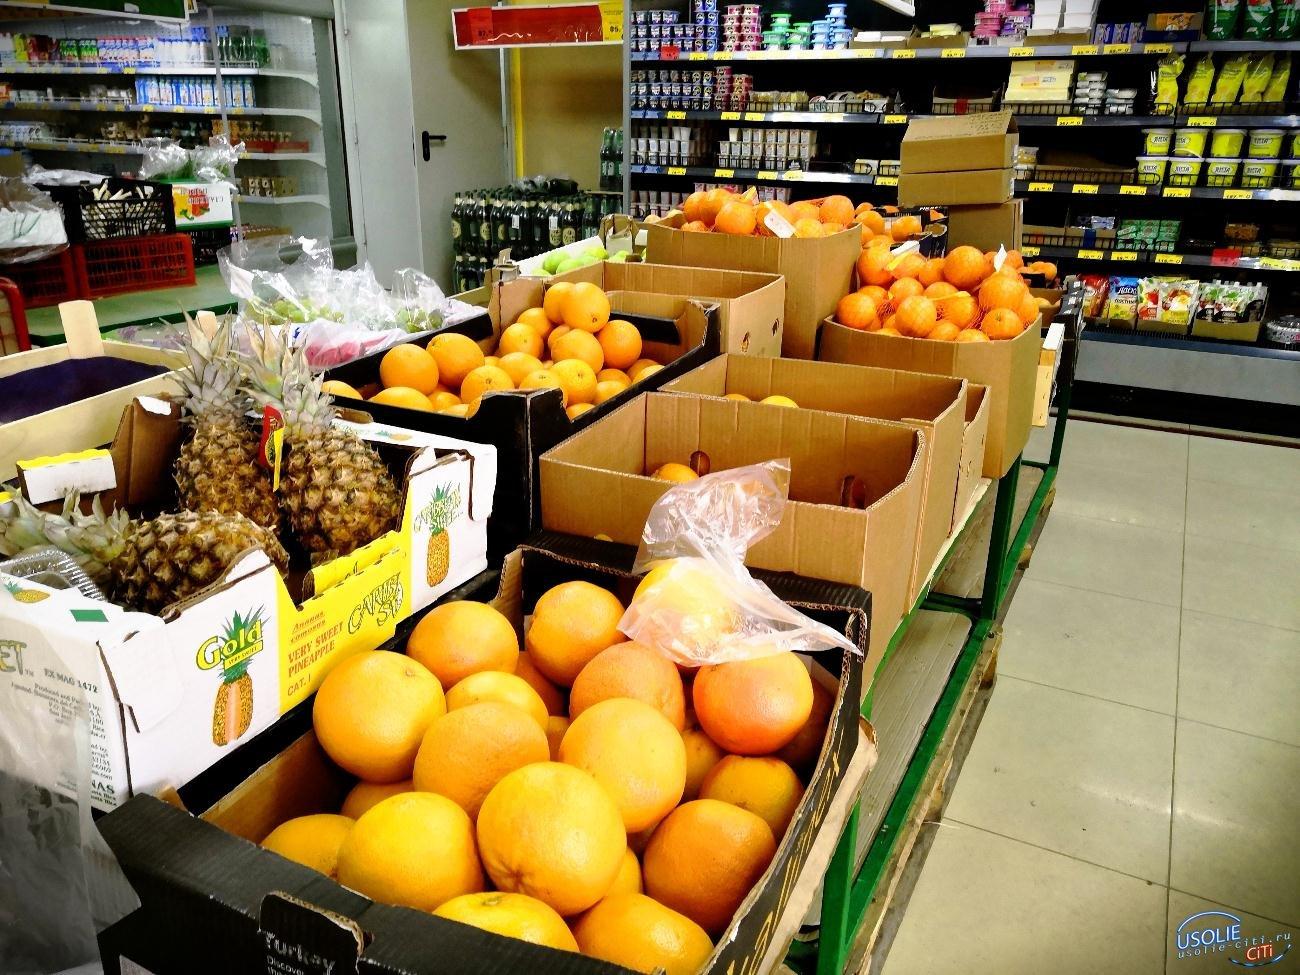 Лимон - 500 руб/ кг: Подорожали продукты в Усолье